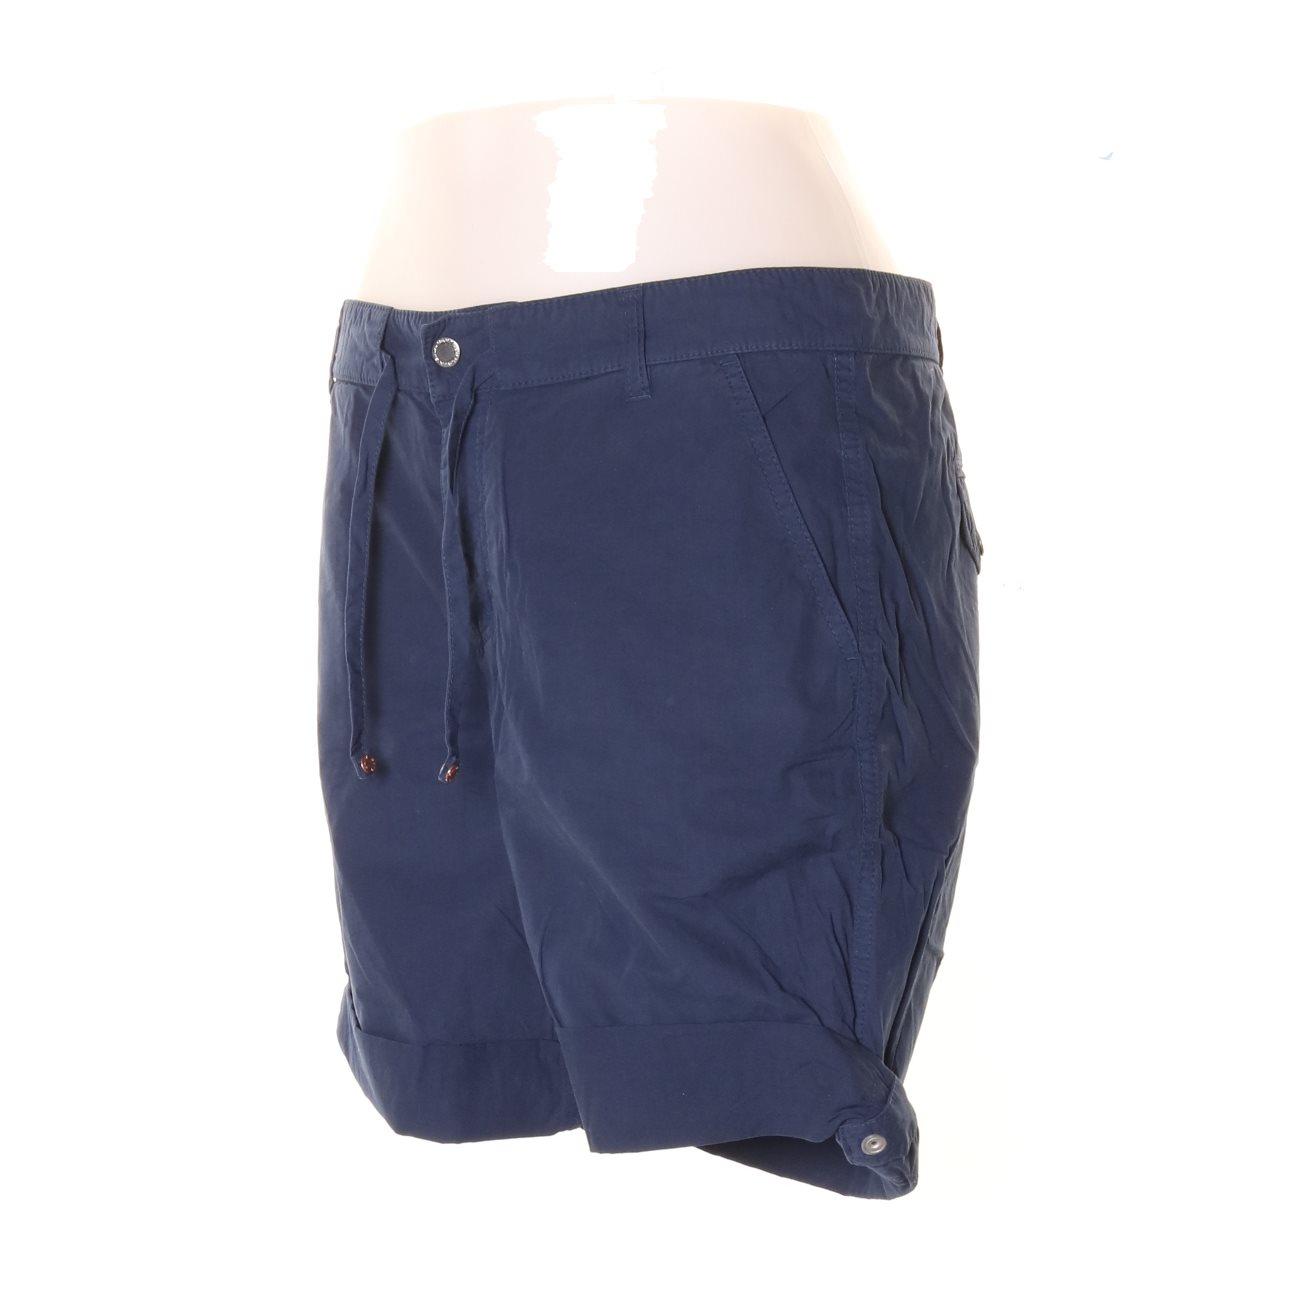 GANT, Shorts, Strl: 36, Mörkblå Mörkblå Mörkblå 585093